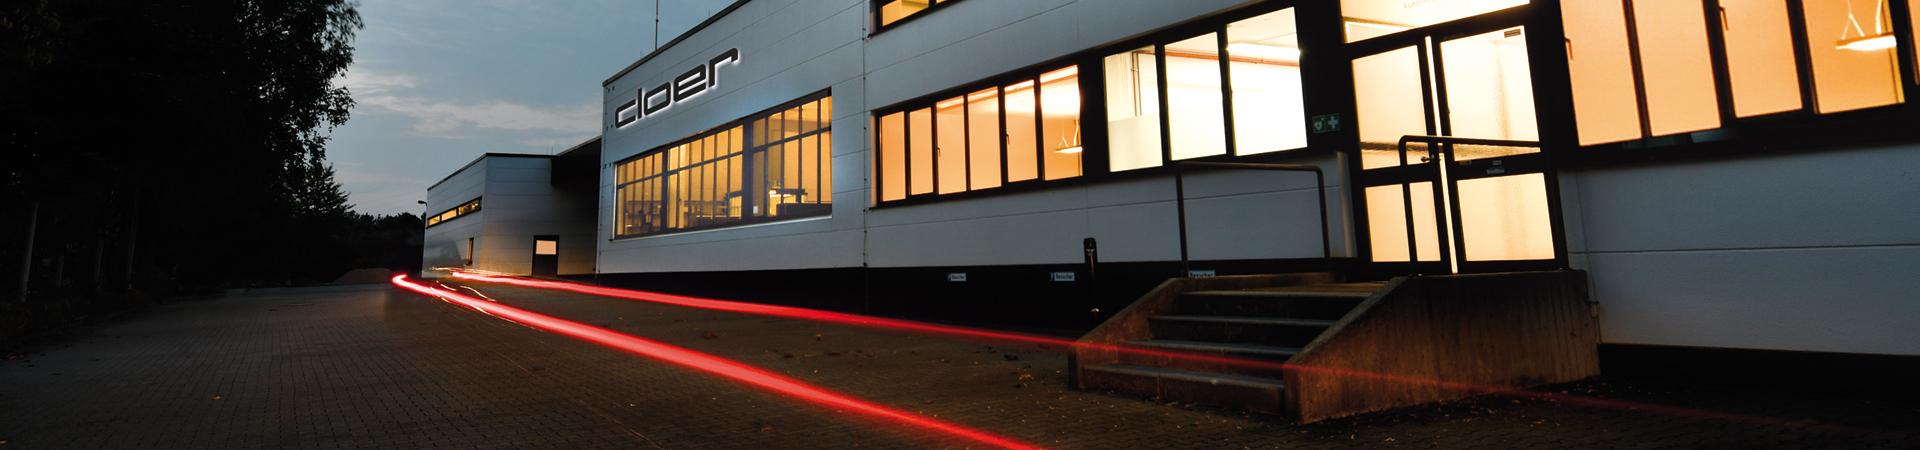 Außenansicht des Firmengebäudes der Cloer Elektrogeräte GmbH in Arnsberg.